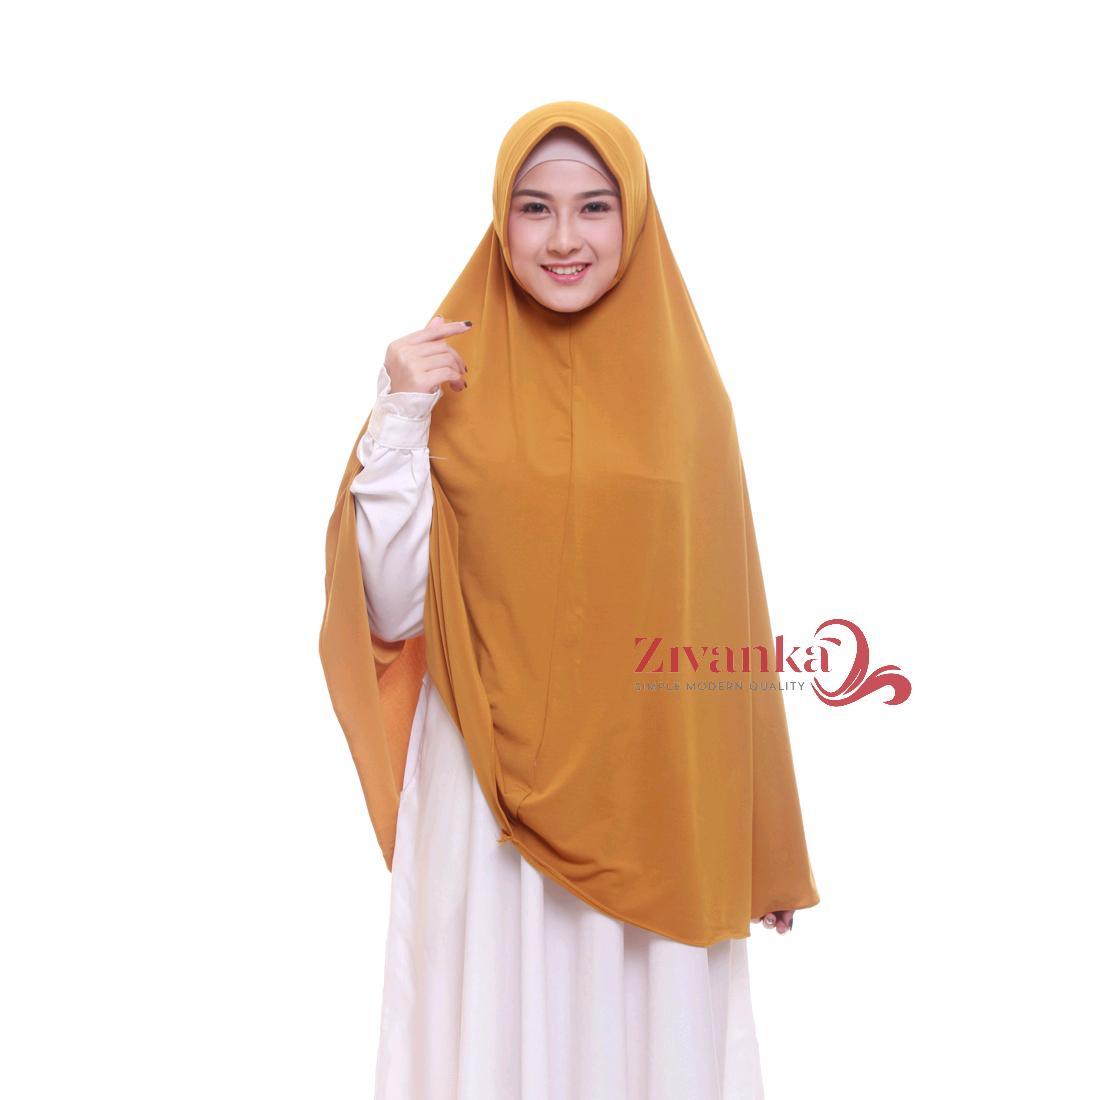 ef7e84f497cbcc5624e168a221076754 Hijab Jumbo Terlaris dilengkapi dengan List Harganya untuk minggu ini